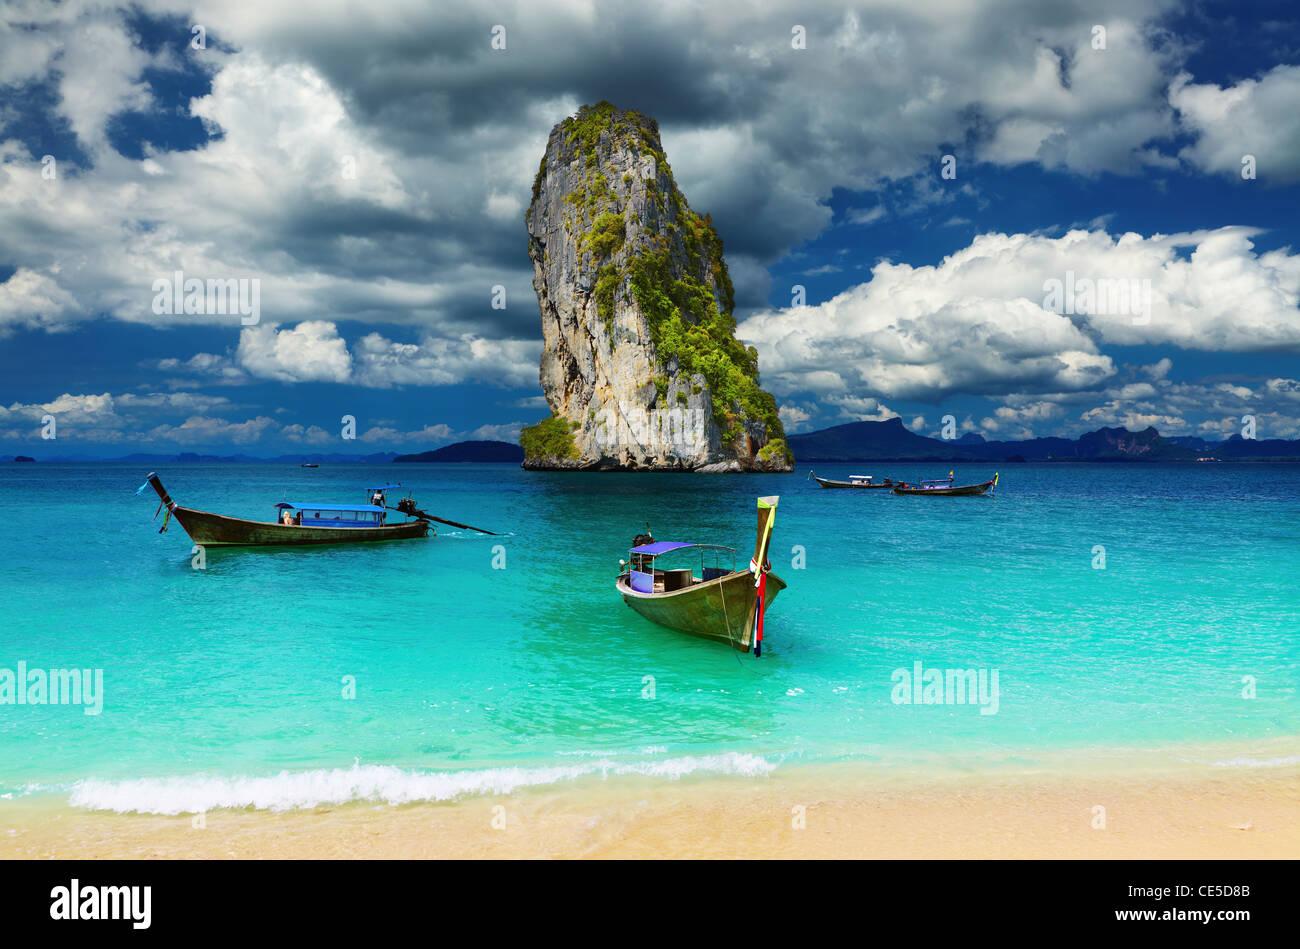 Long tail boats, Tropical beach, Andaman Sea, Thailand - Stock Image